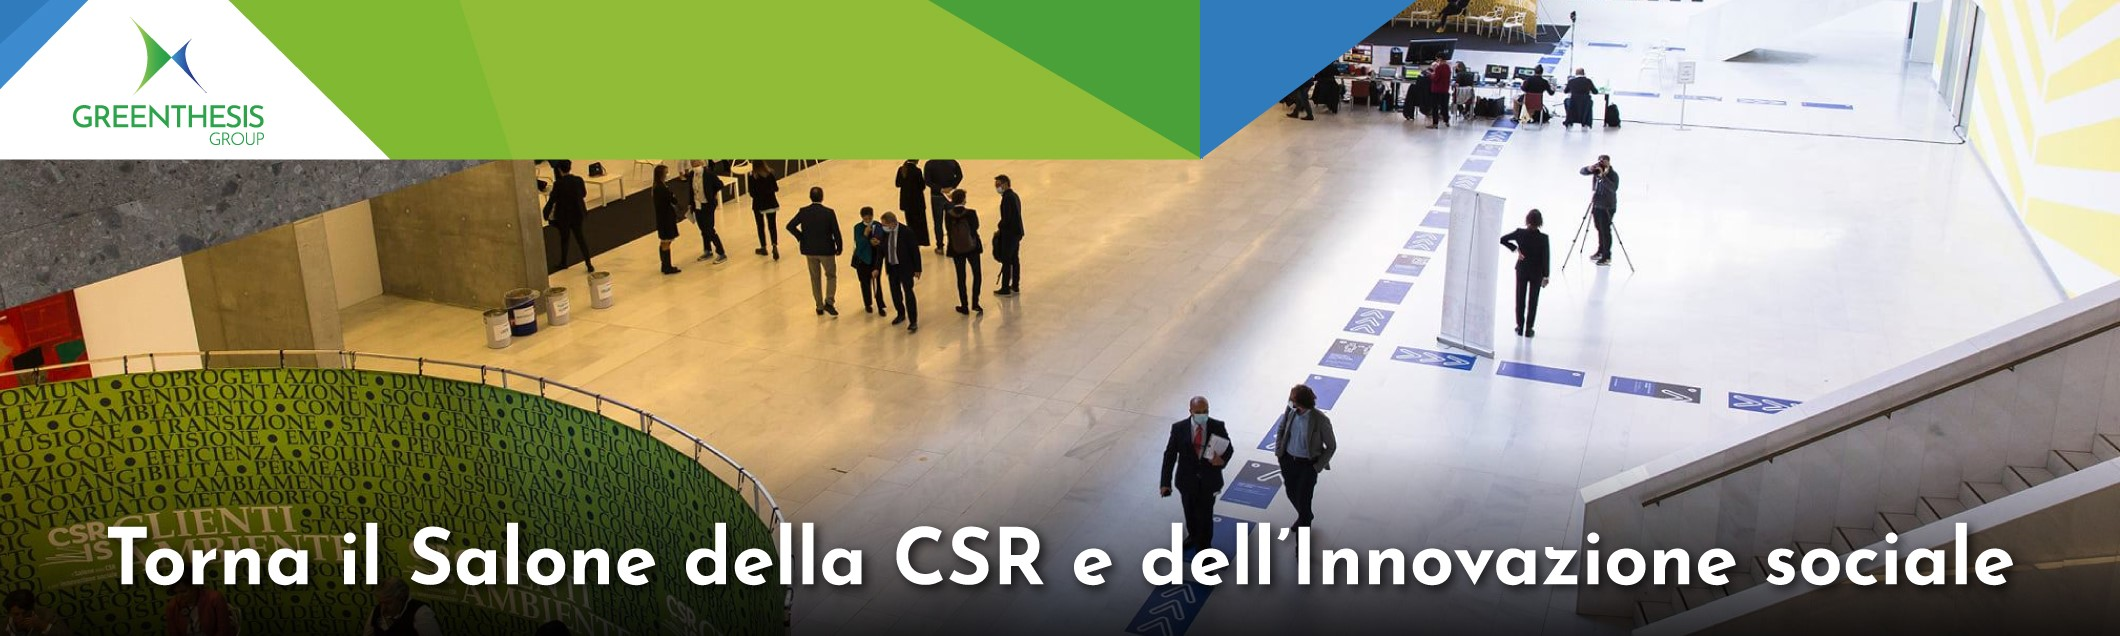 Torna il Salone della CSR e dell'Innovazione sociale